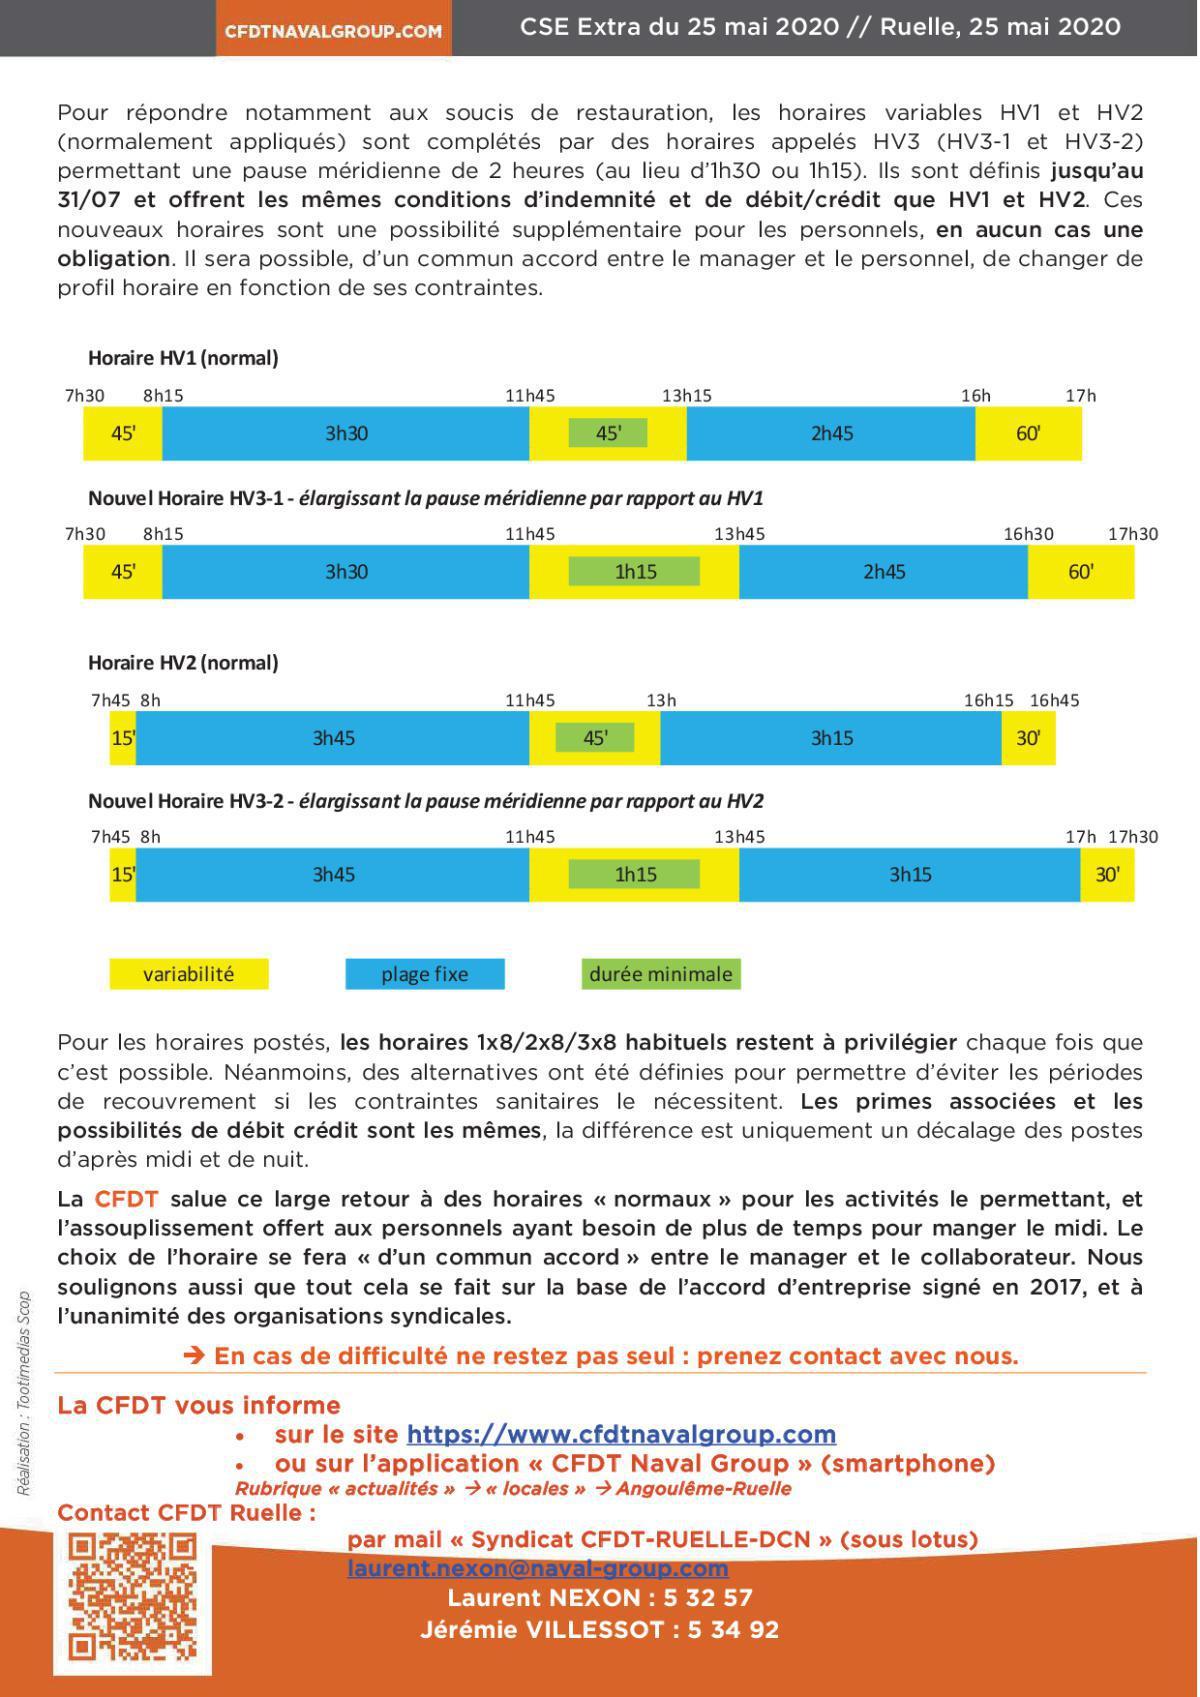 Flash info OTT Ruelle : horaires élargis jusqu'au 31 juillet 2020